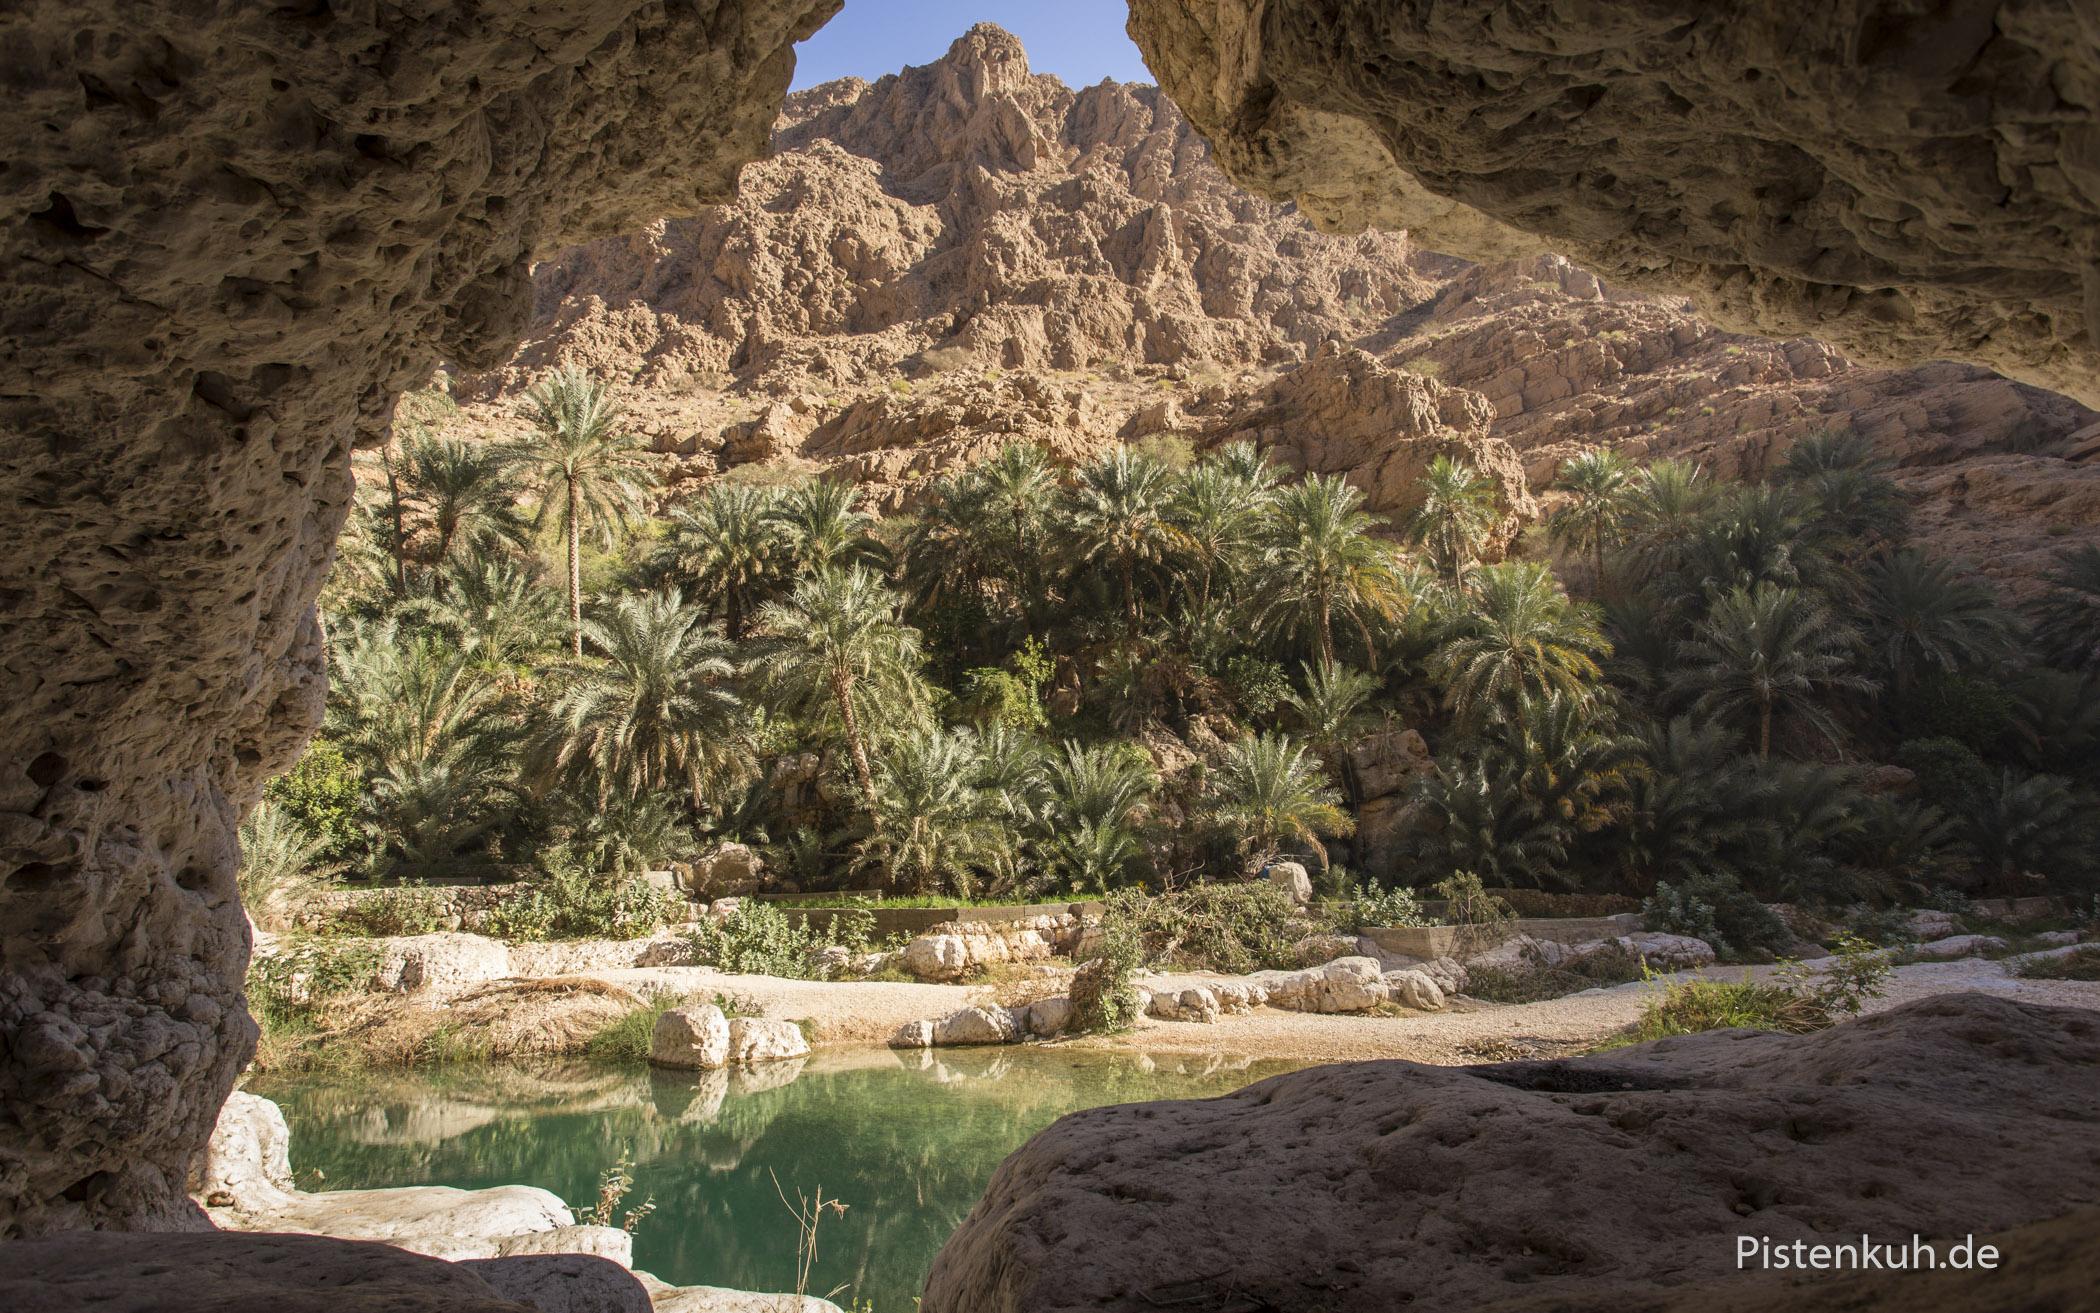 Sehr gute Fotomotive finden sich in den Wadis.